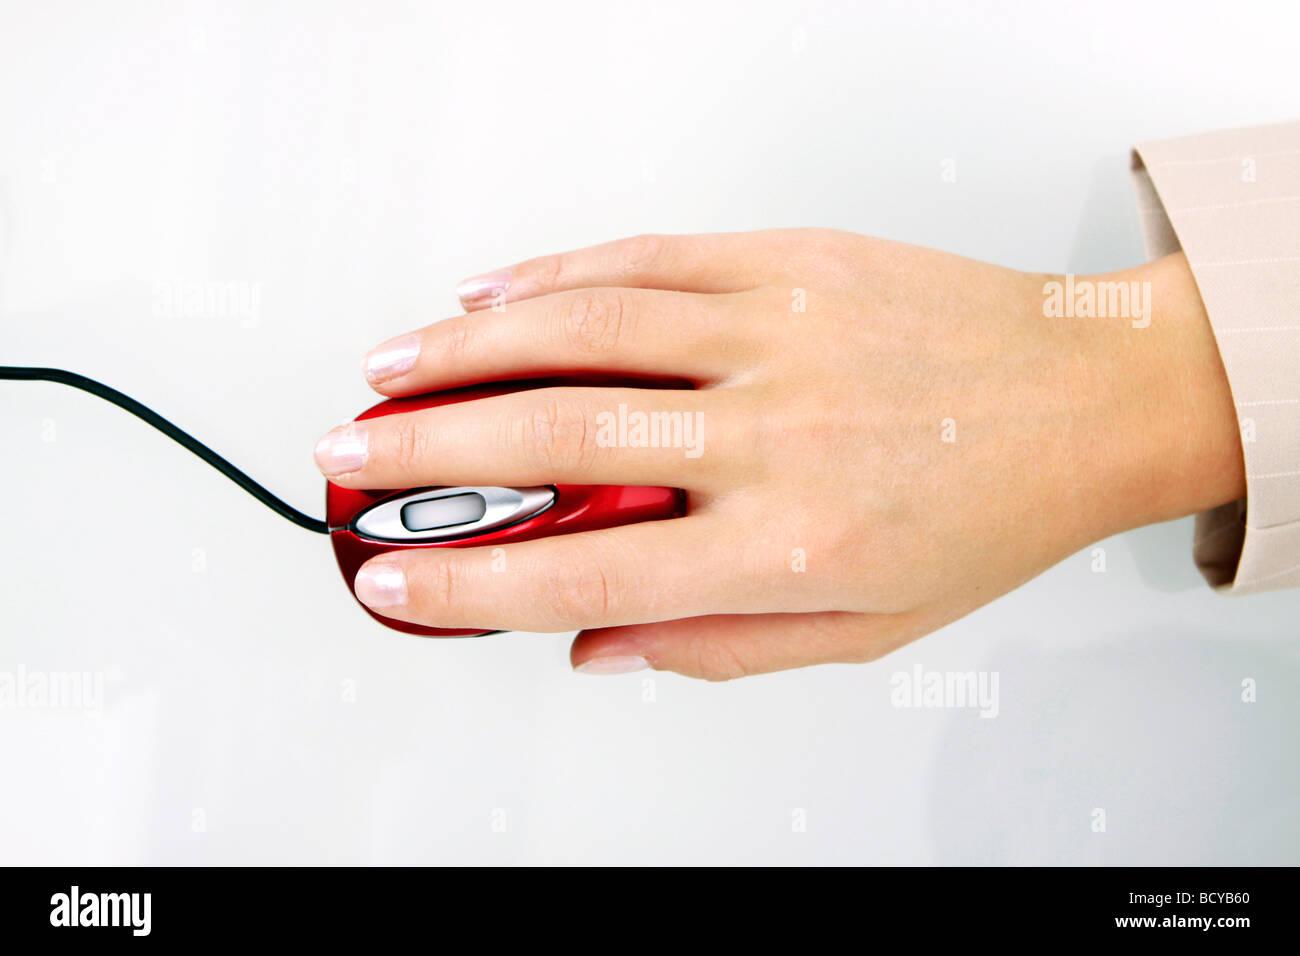 Frauenhand Mit Computermaus Frau Hand mit Computer-Maus Stockbild